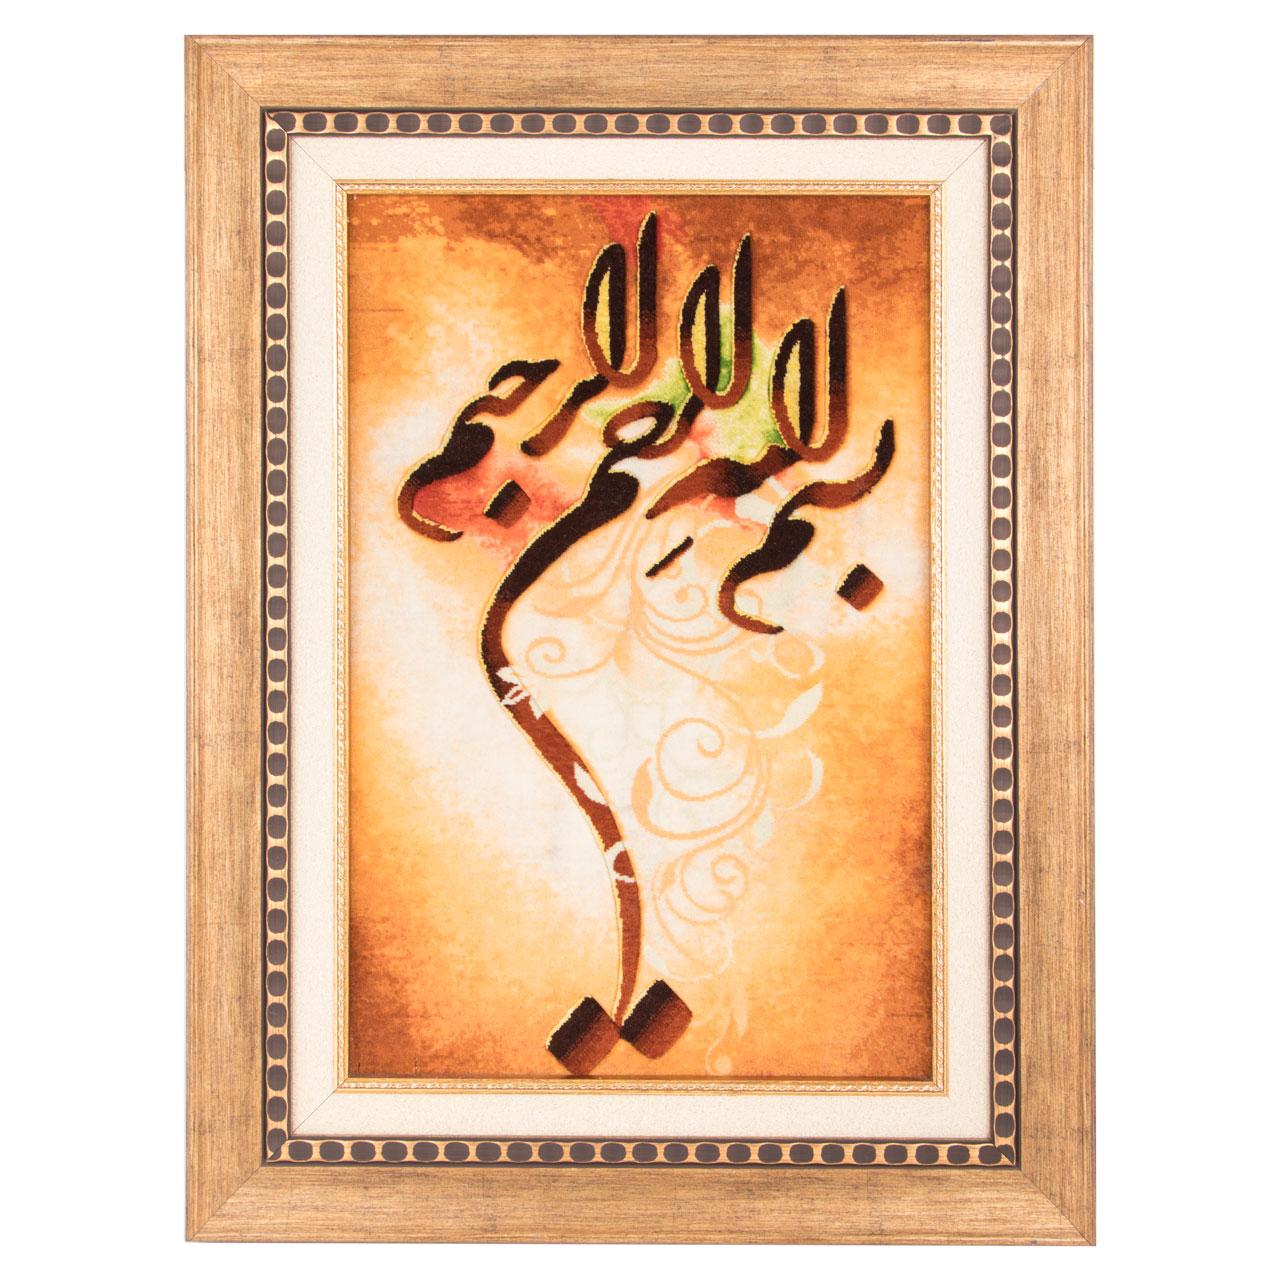 تابلو فرش دستباف بسم الله الرحمن الرحیم برجسته سی پرشیا کد 901605